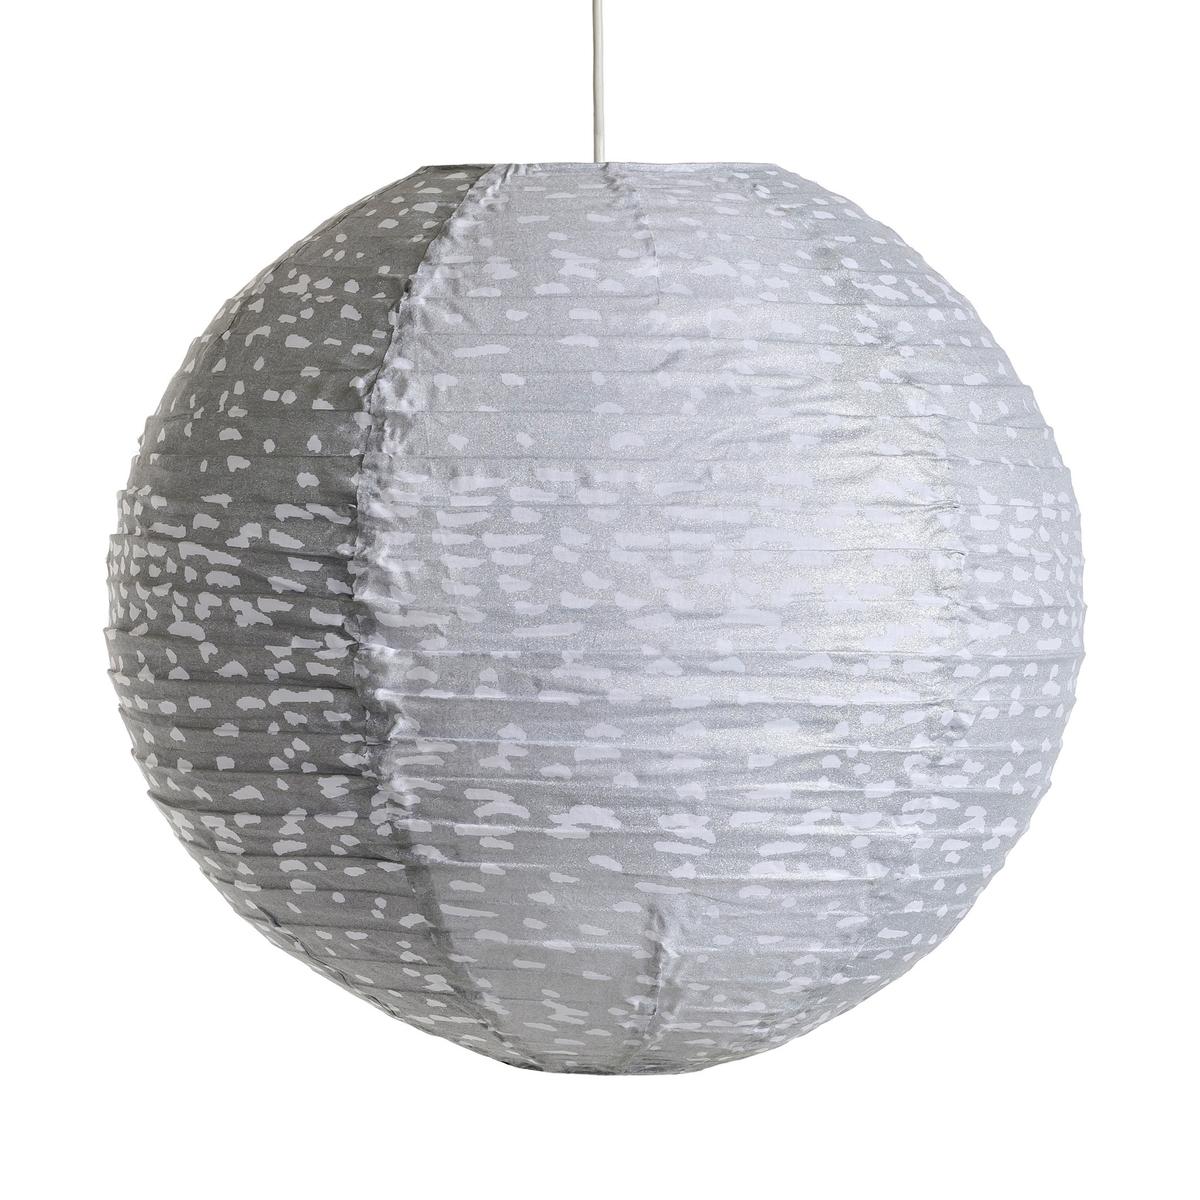 Светильник подвесной круглый Sidy с точечным рисунком